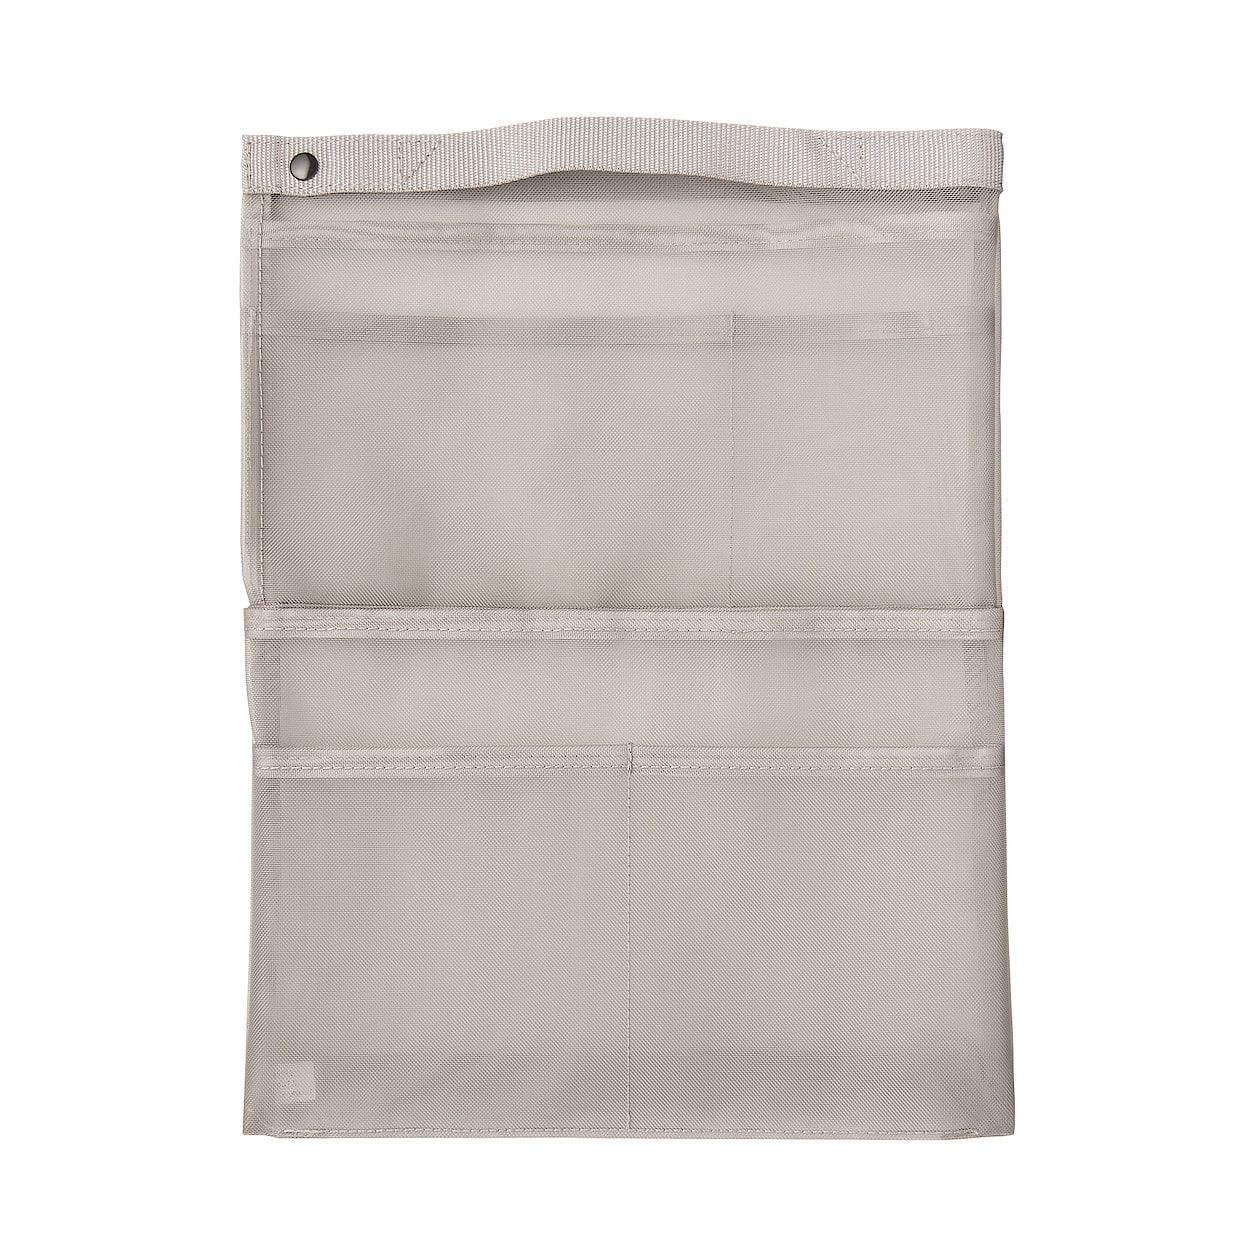 無印良品(MUJI) ナイロンメッシュバッグインバッグ A4サイズ用 タテ型